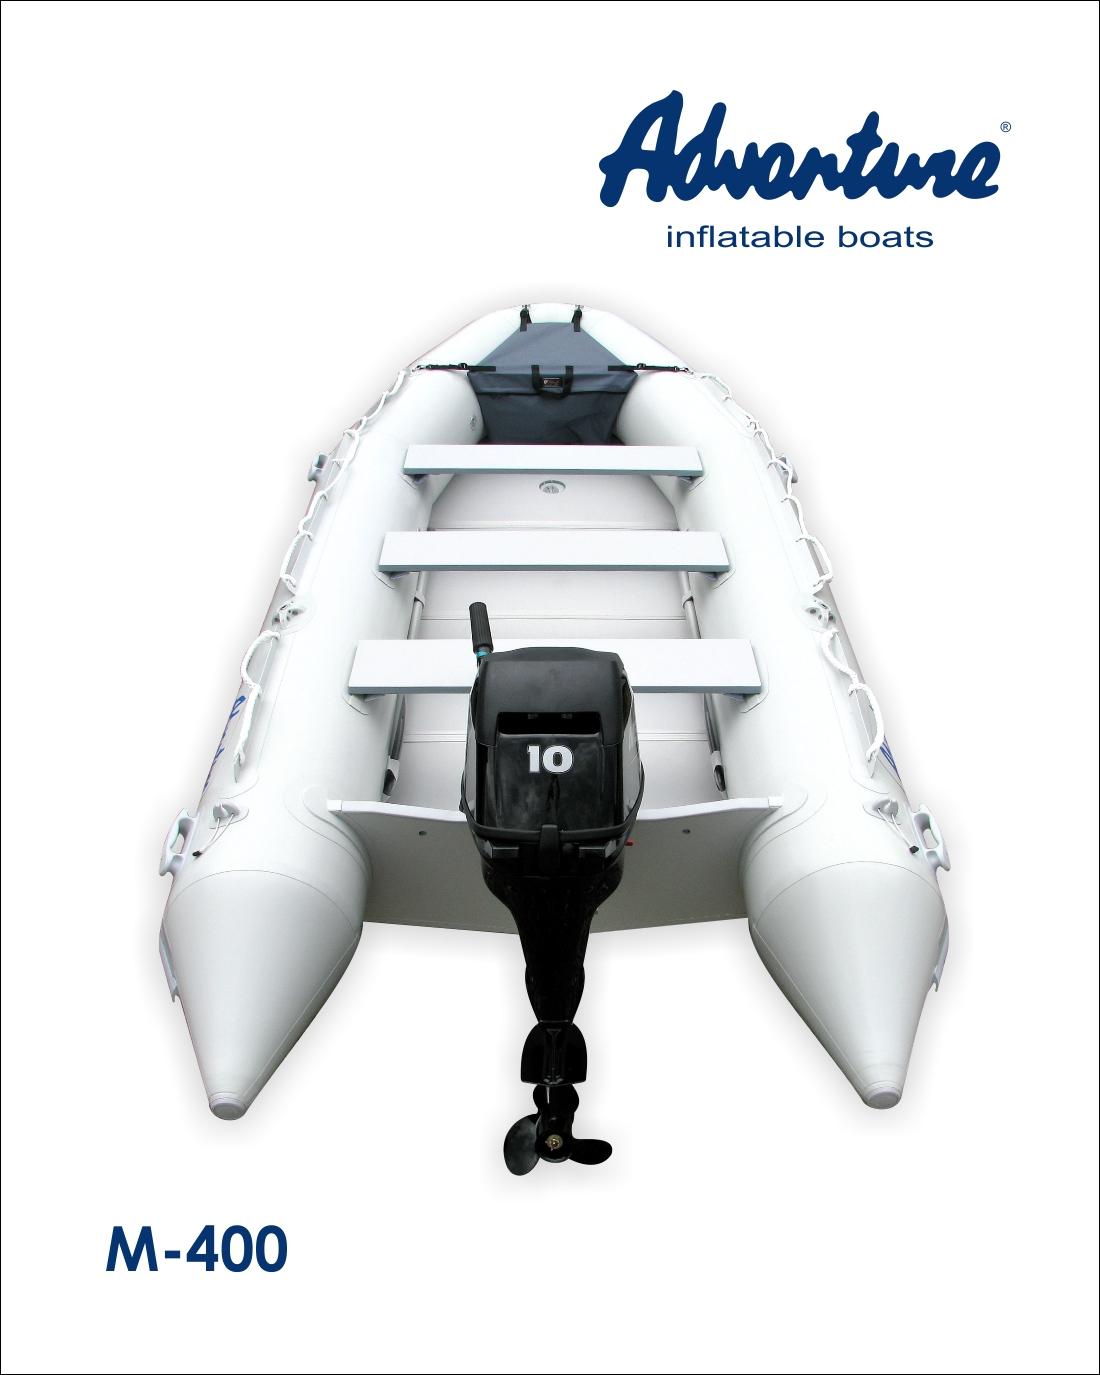 Nafukovací člun Adventure M-400 s motorem Mercury F10 Viking je cenově výhodný set motorového člunu, který je vhodný pro jakkoli velkou vodu